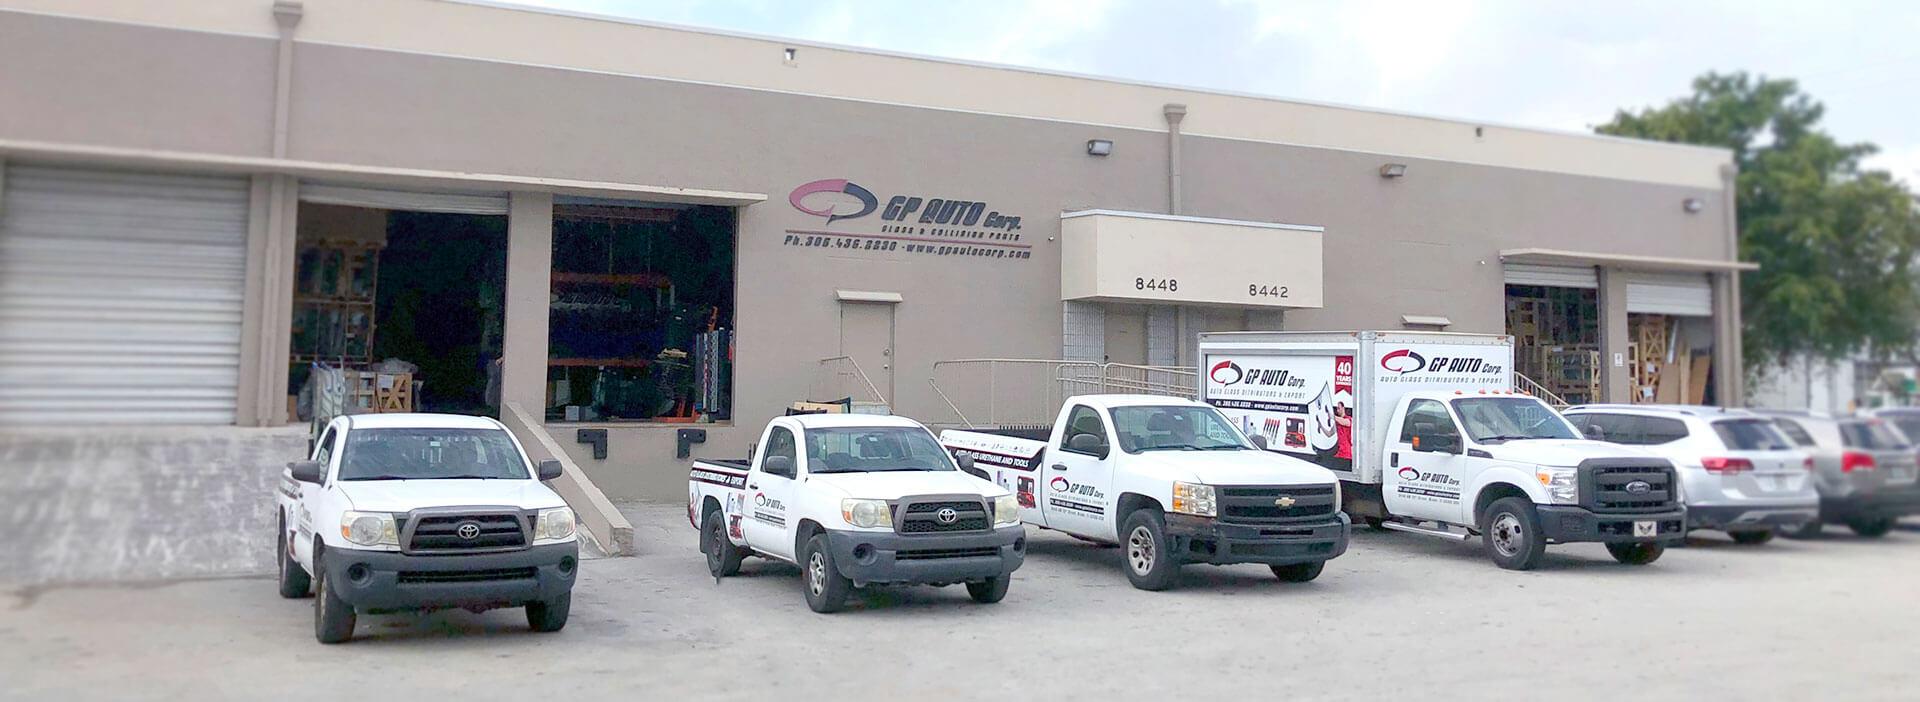 GP Auto Corp, Miami, FL